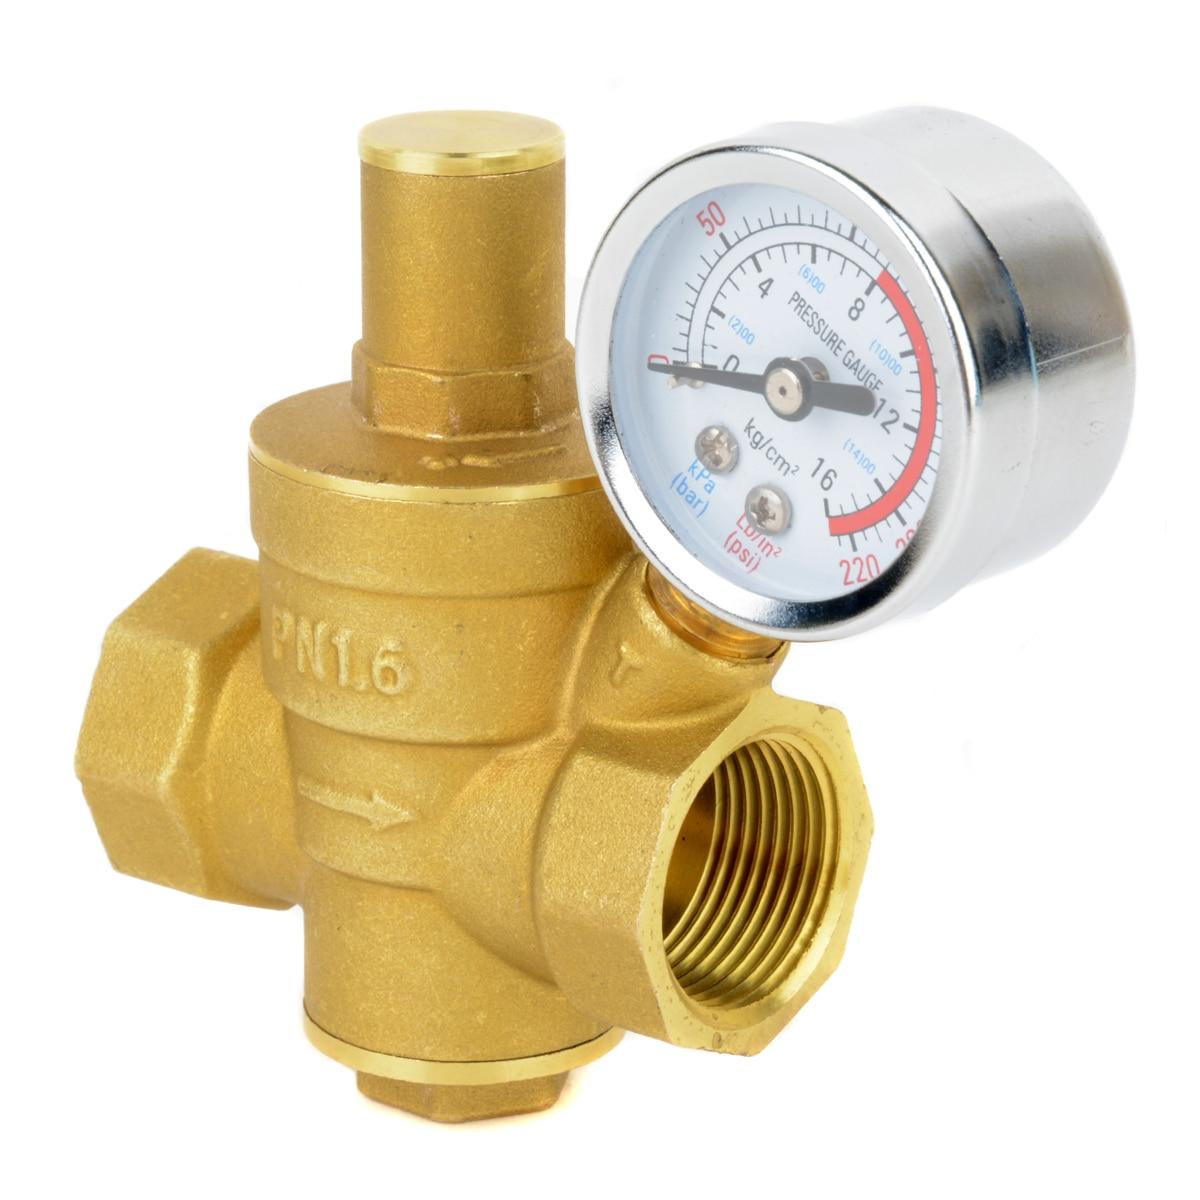 DN20 3/4 D'eau En Laiton Pression Réduire Le Maintien Vannes Régulateur Mayitr Réglable Soupapes Avec Jauge Mètre 85*63mm